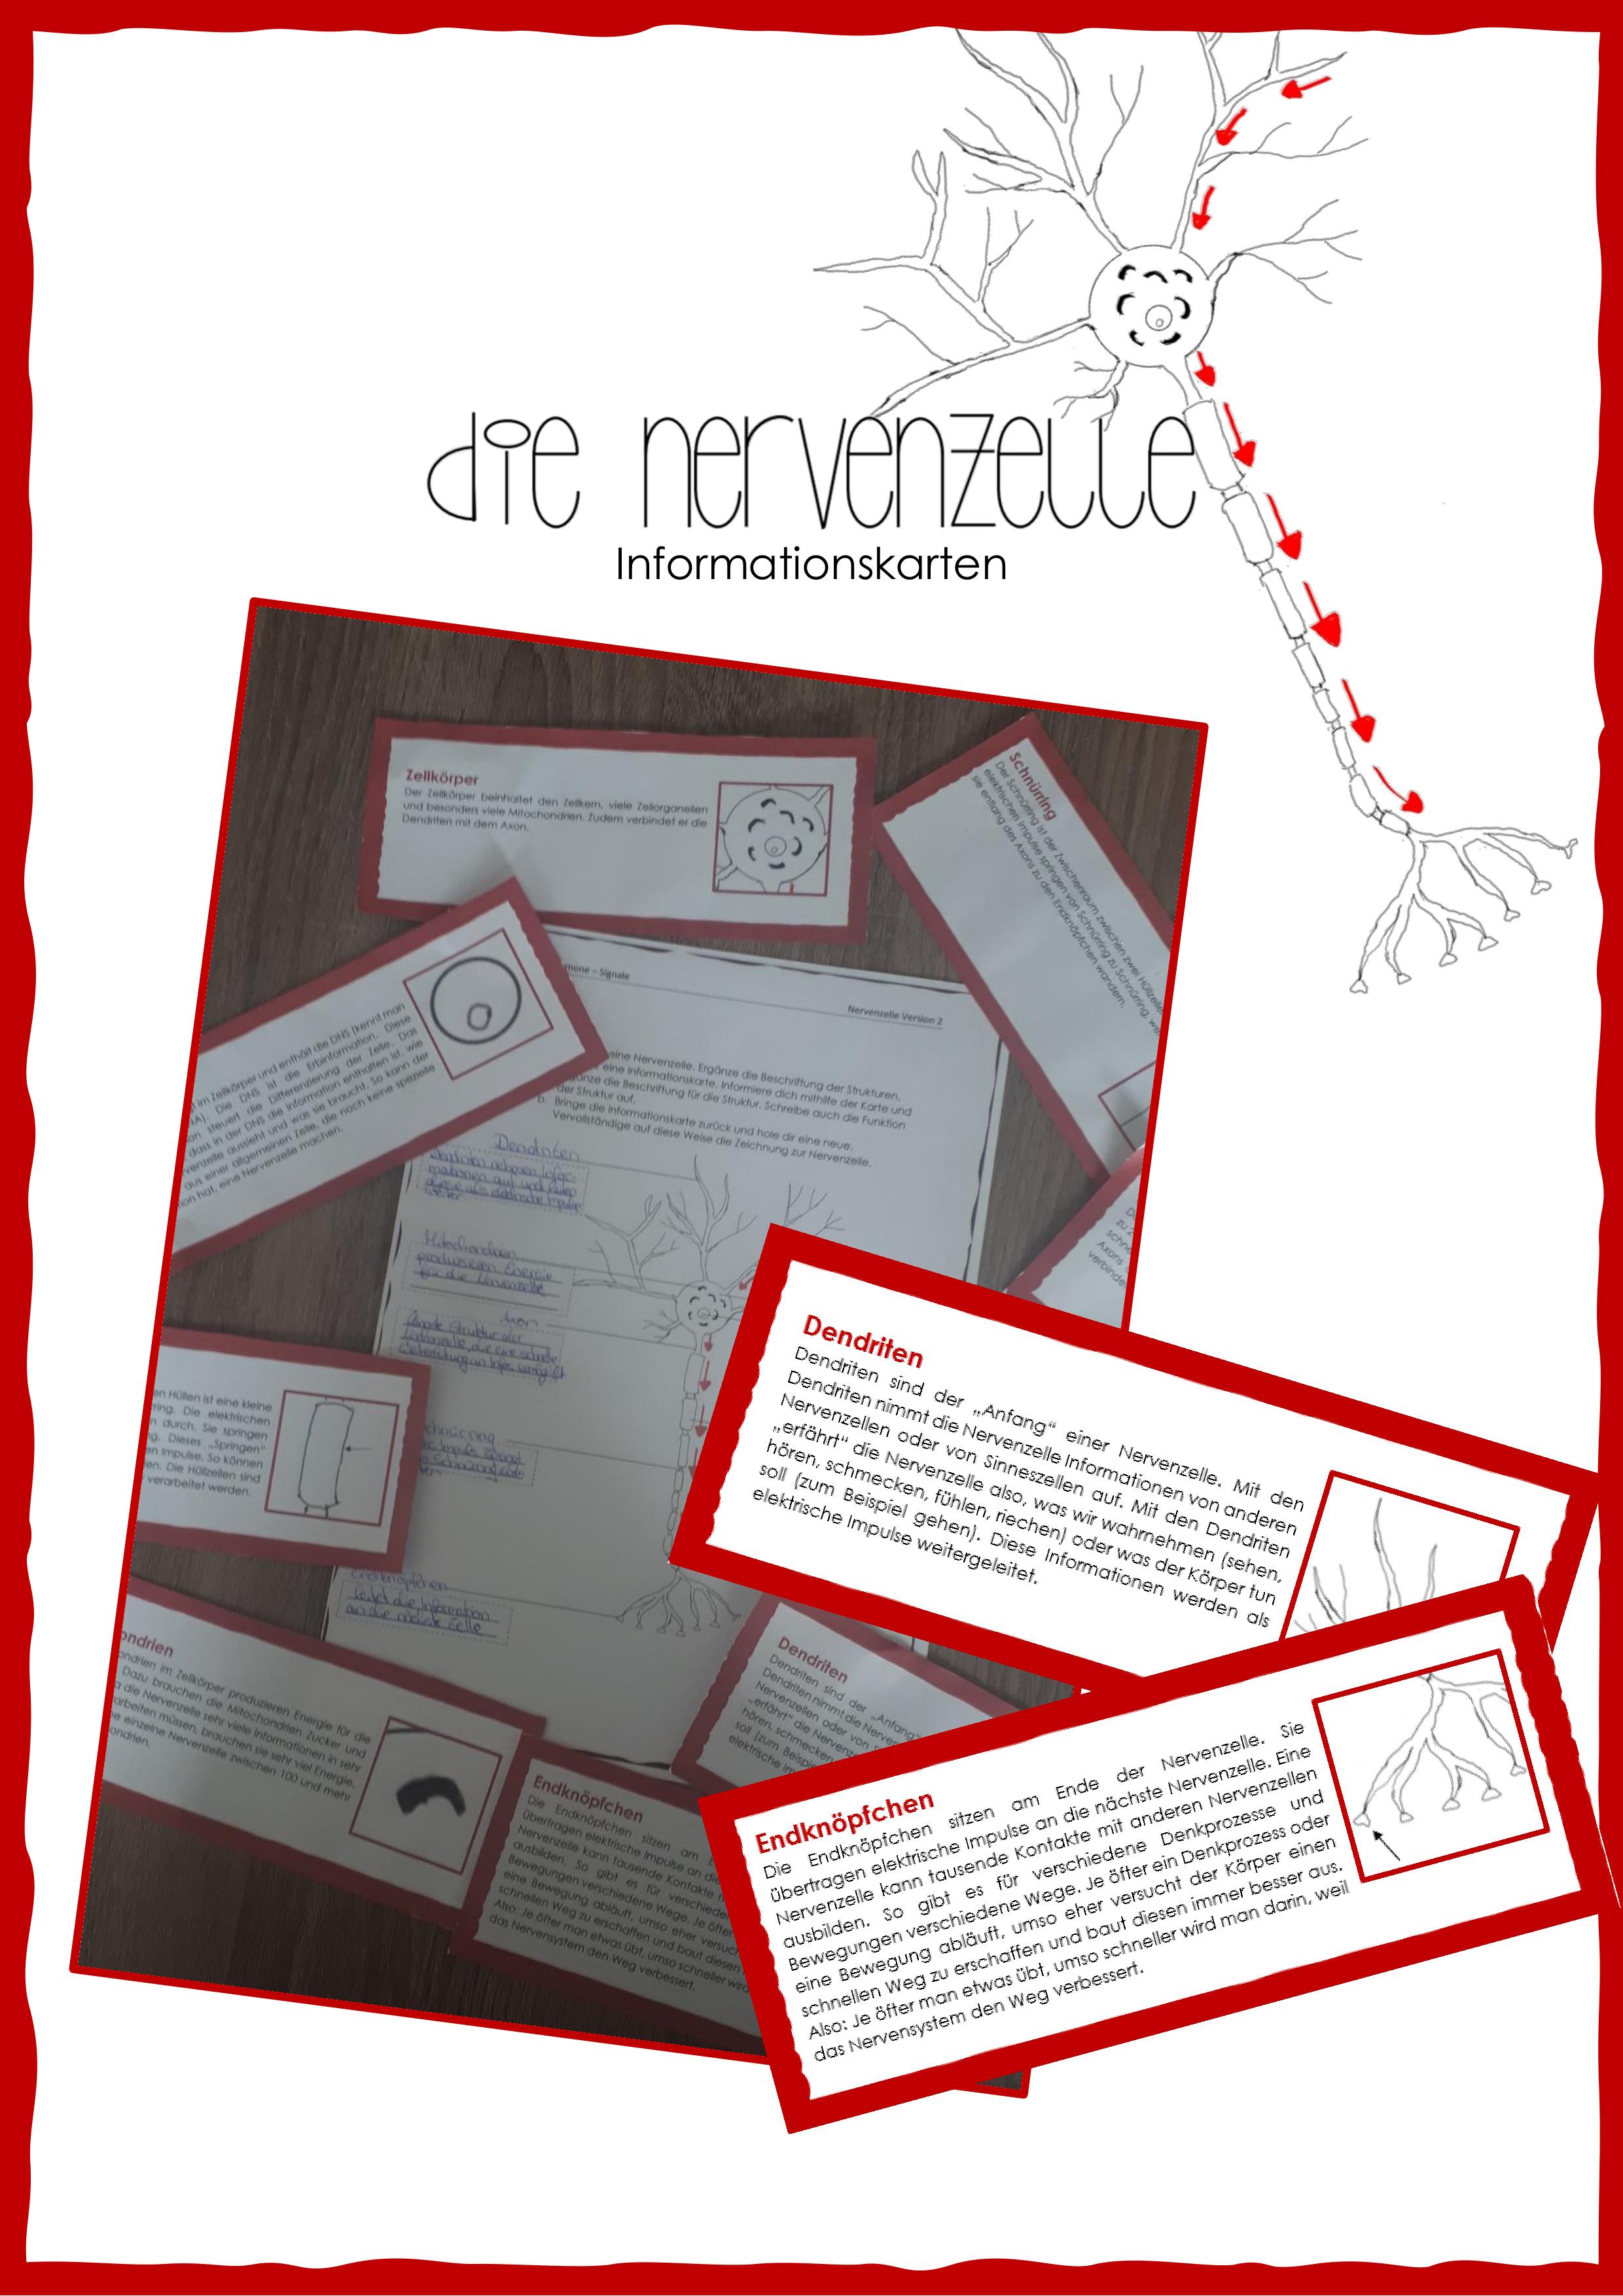 Nervenzelle Informationskarten Unterrichtsmaterial Im Fach Biologie Nervenzellen Unterrichtsmaterial Lehramt [ 3509 x 2480 Pixel ]